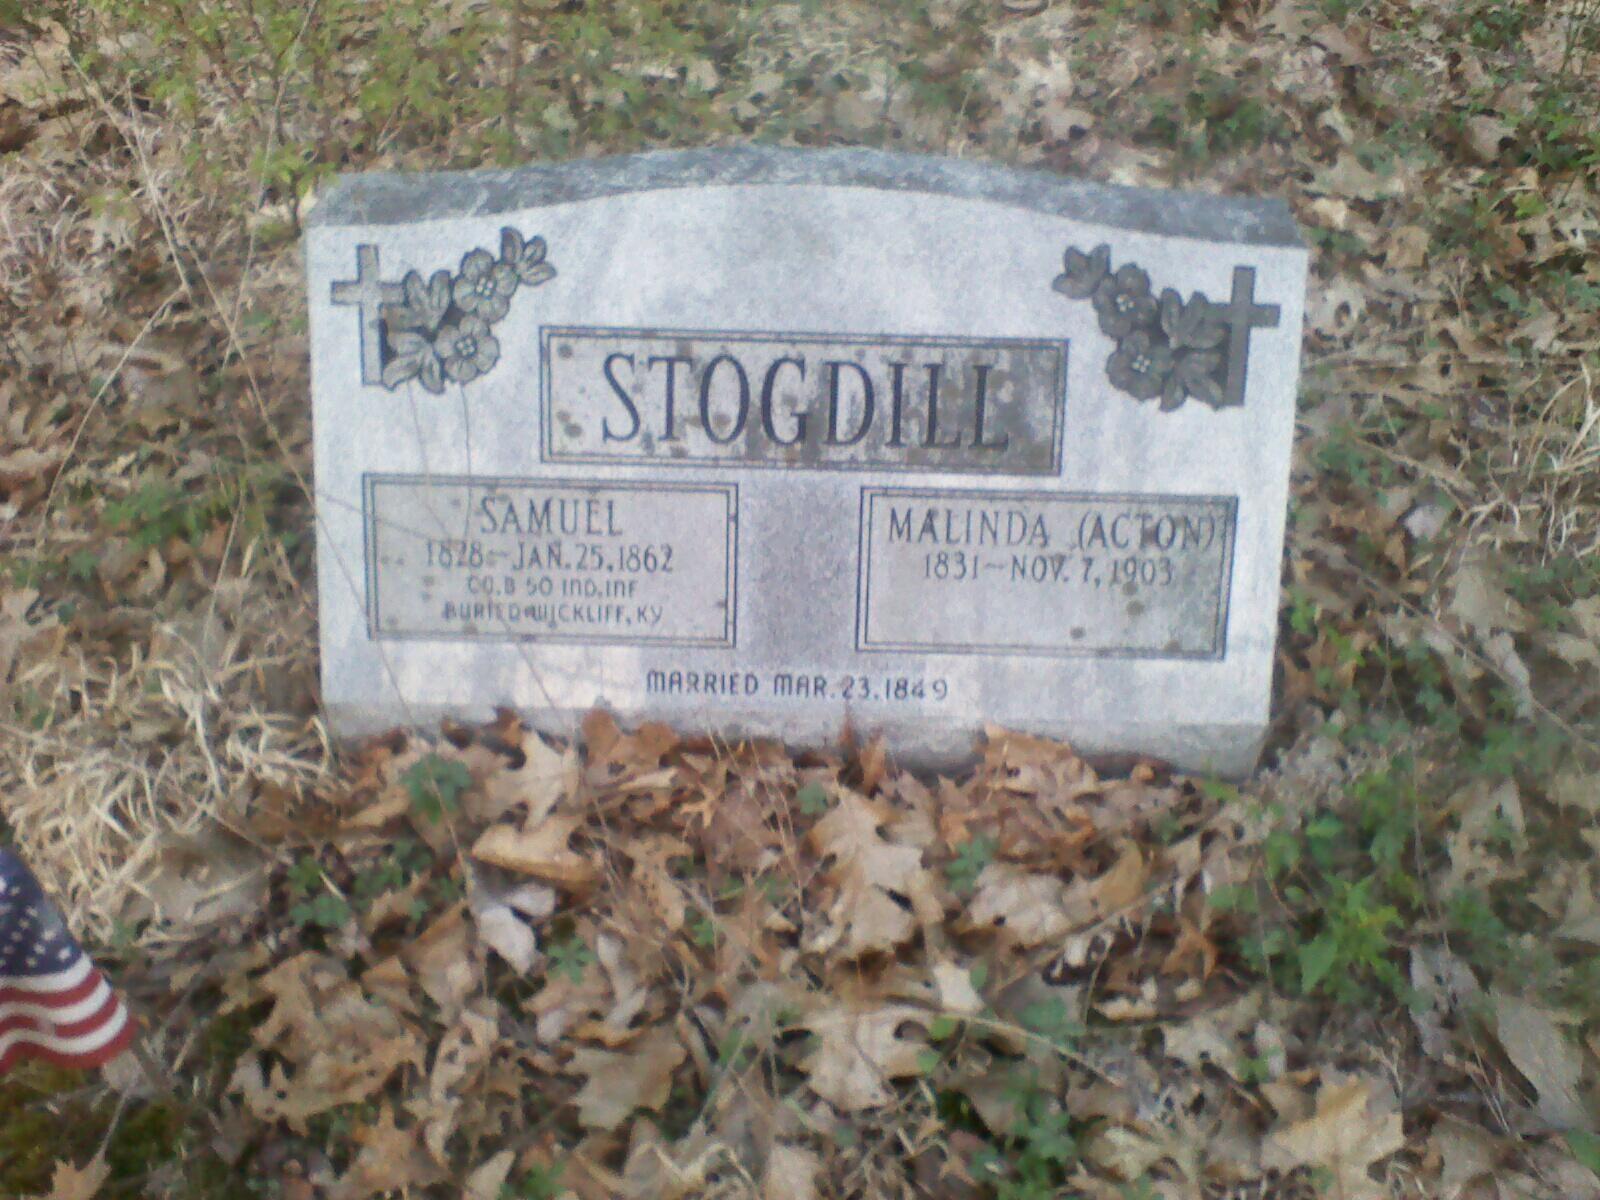 Samuel Stogdill